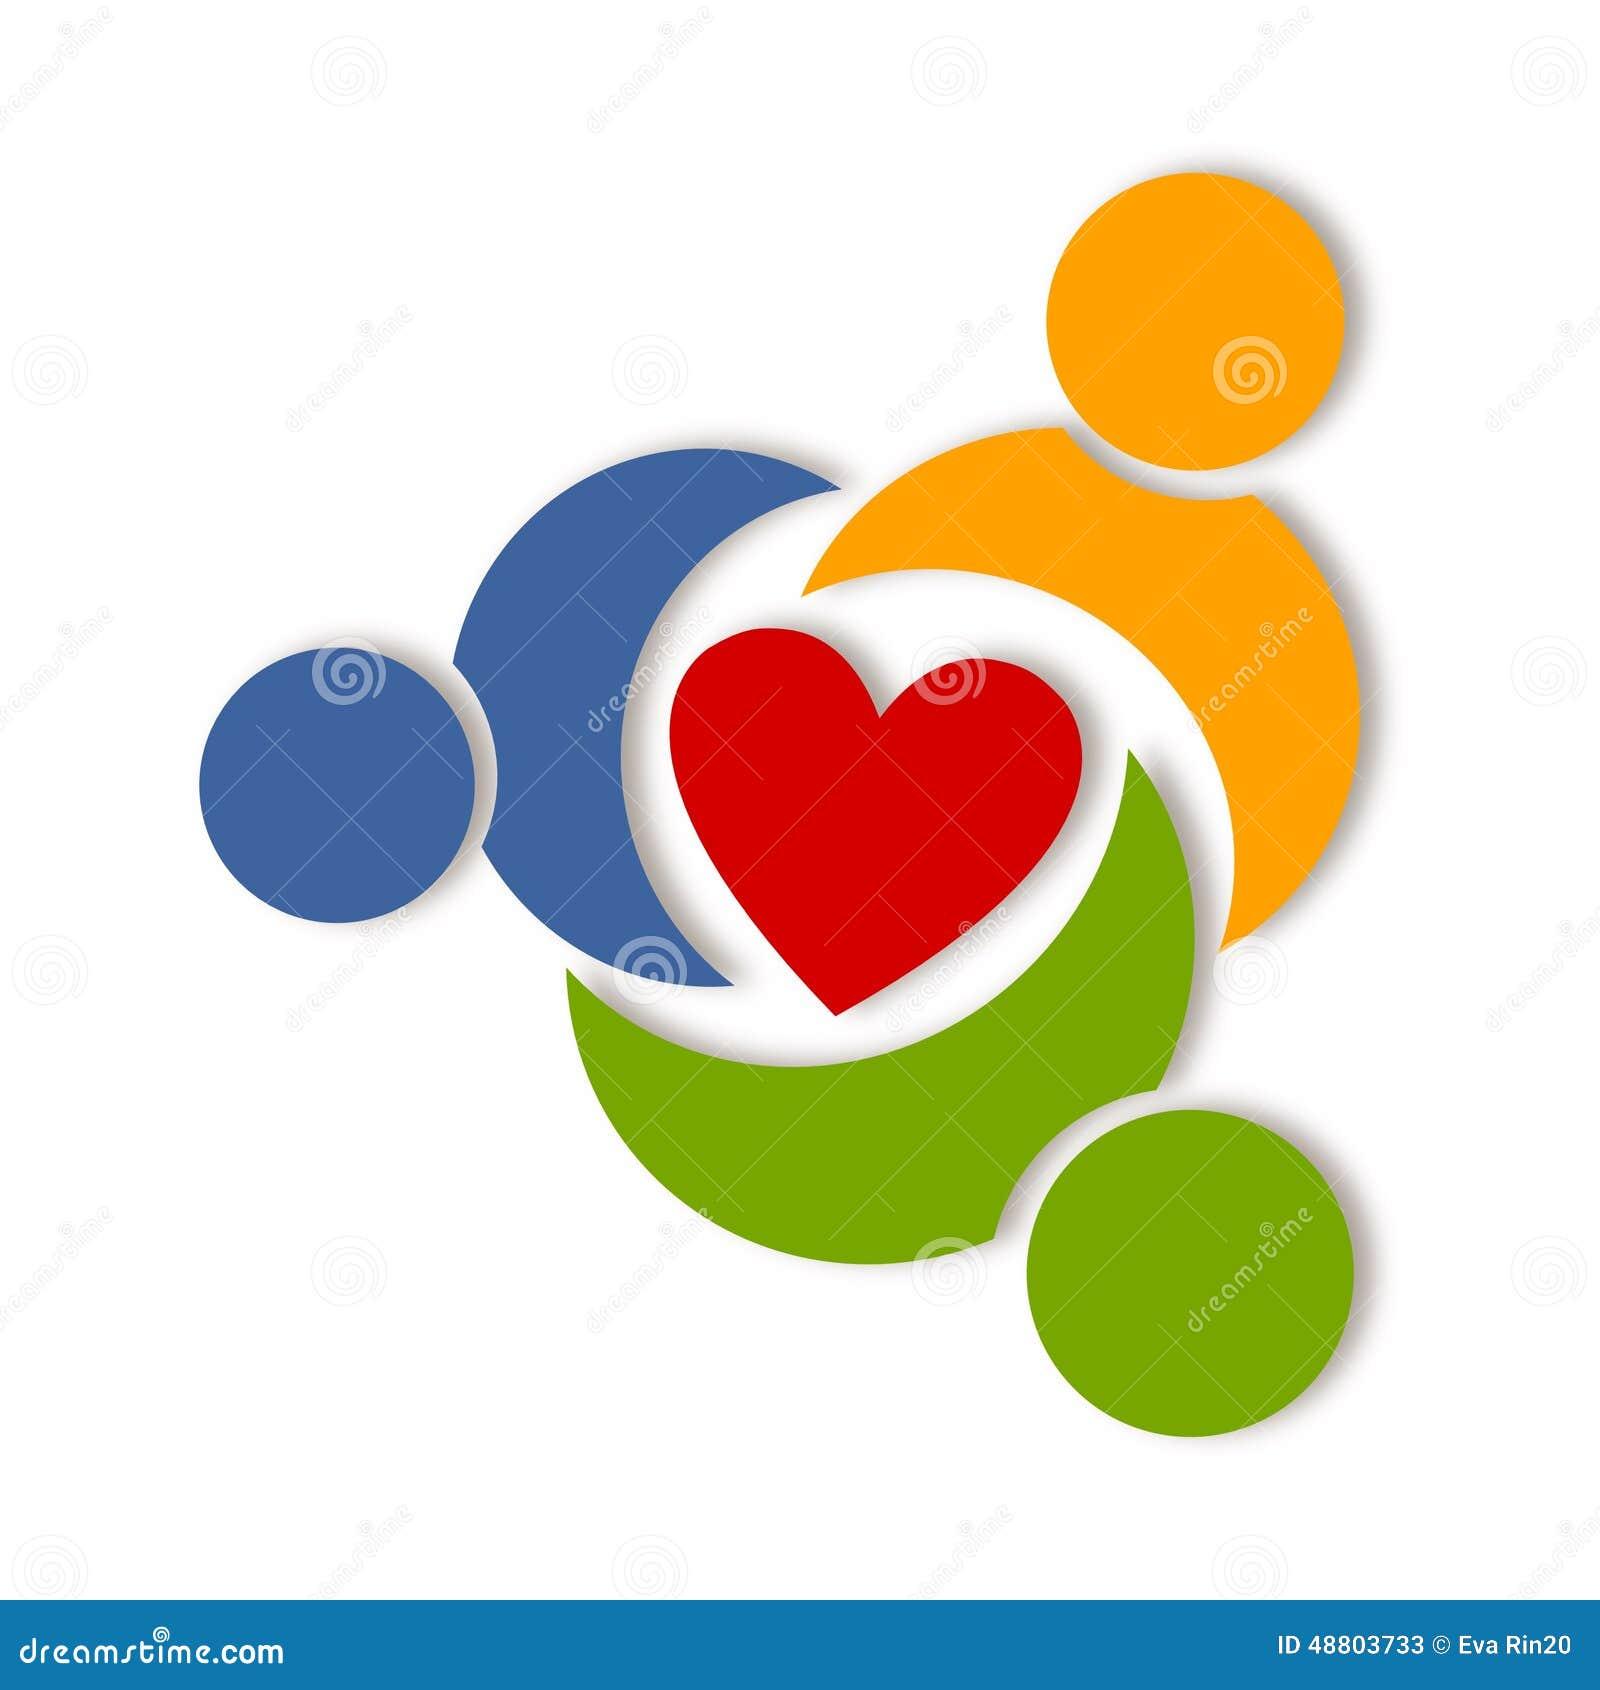 Uso da inteligencia emocional na coordenação da equipe de vendas 7